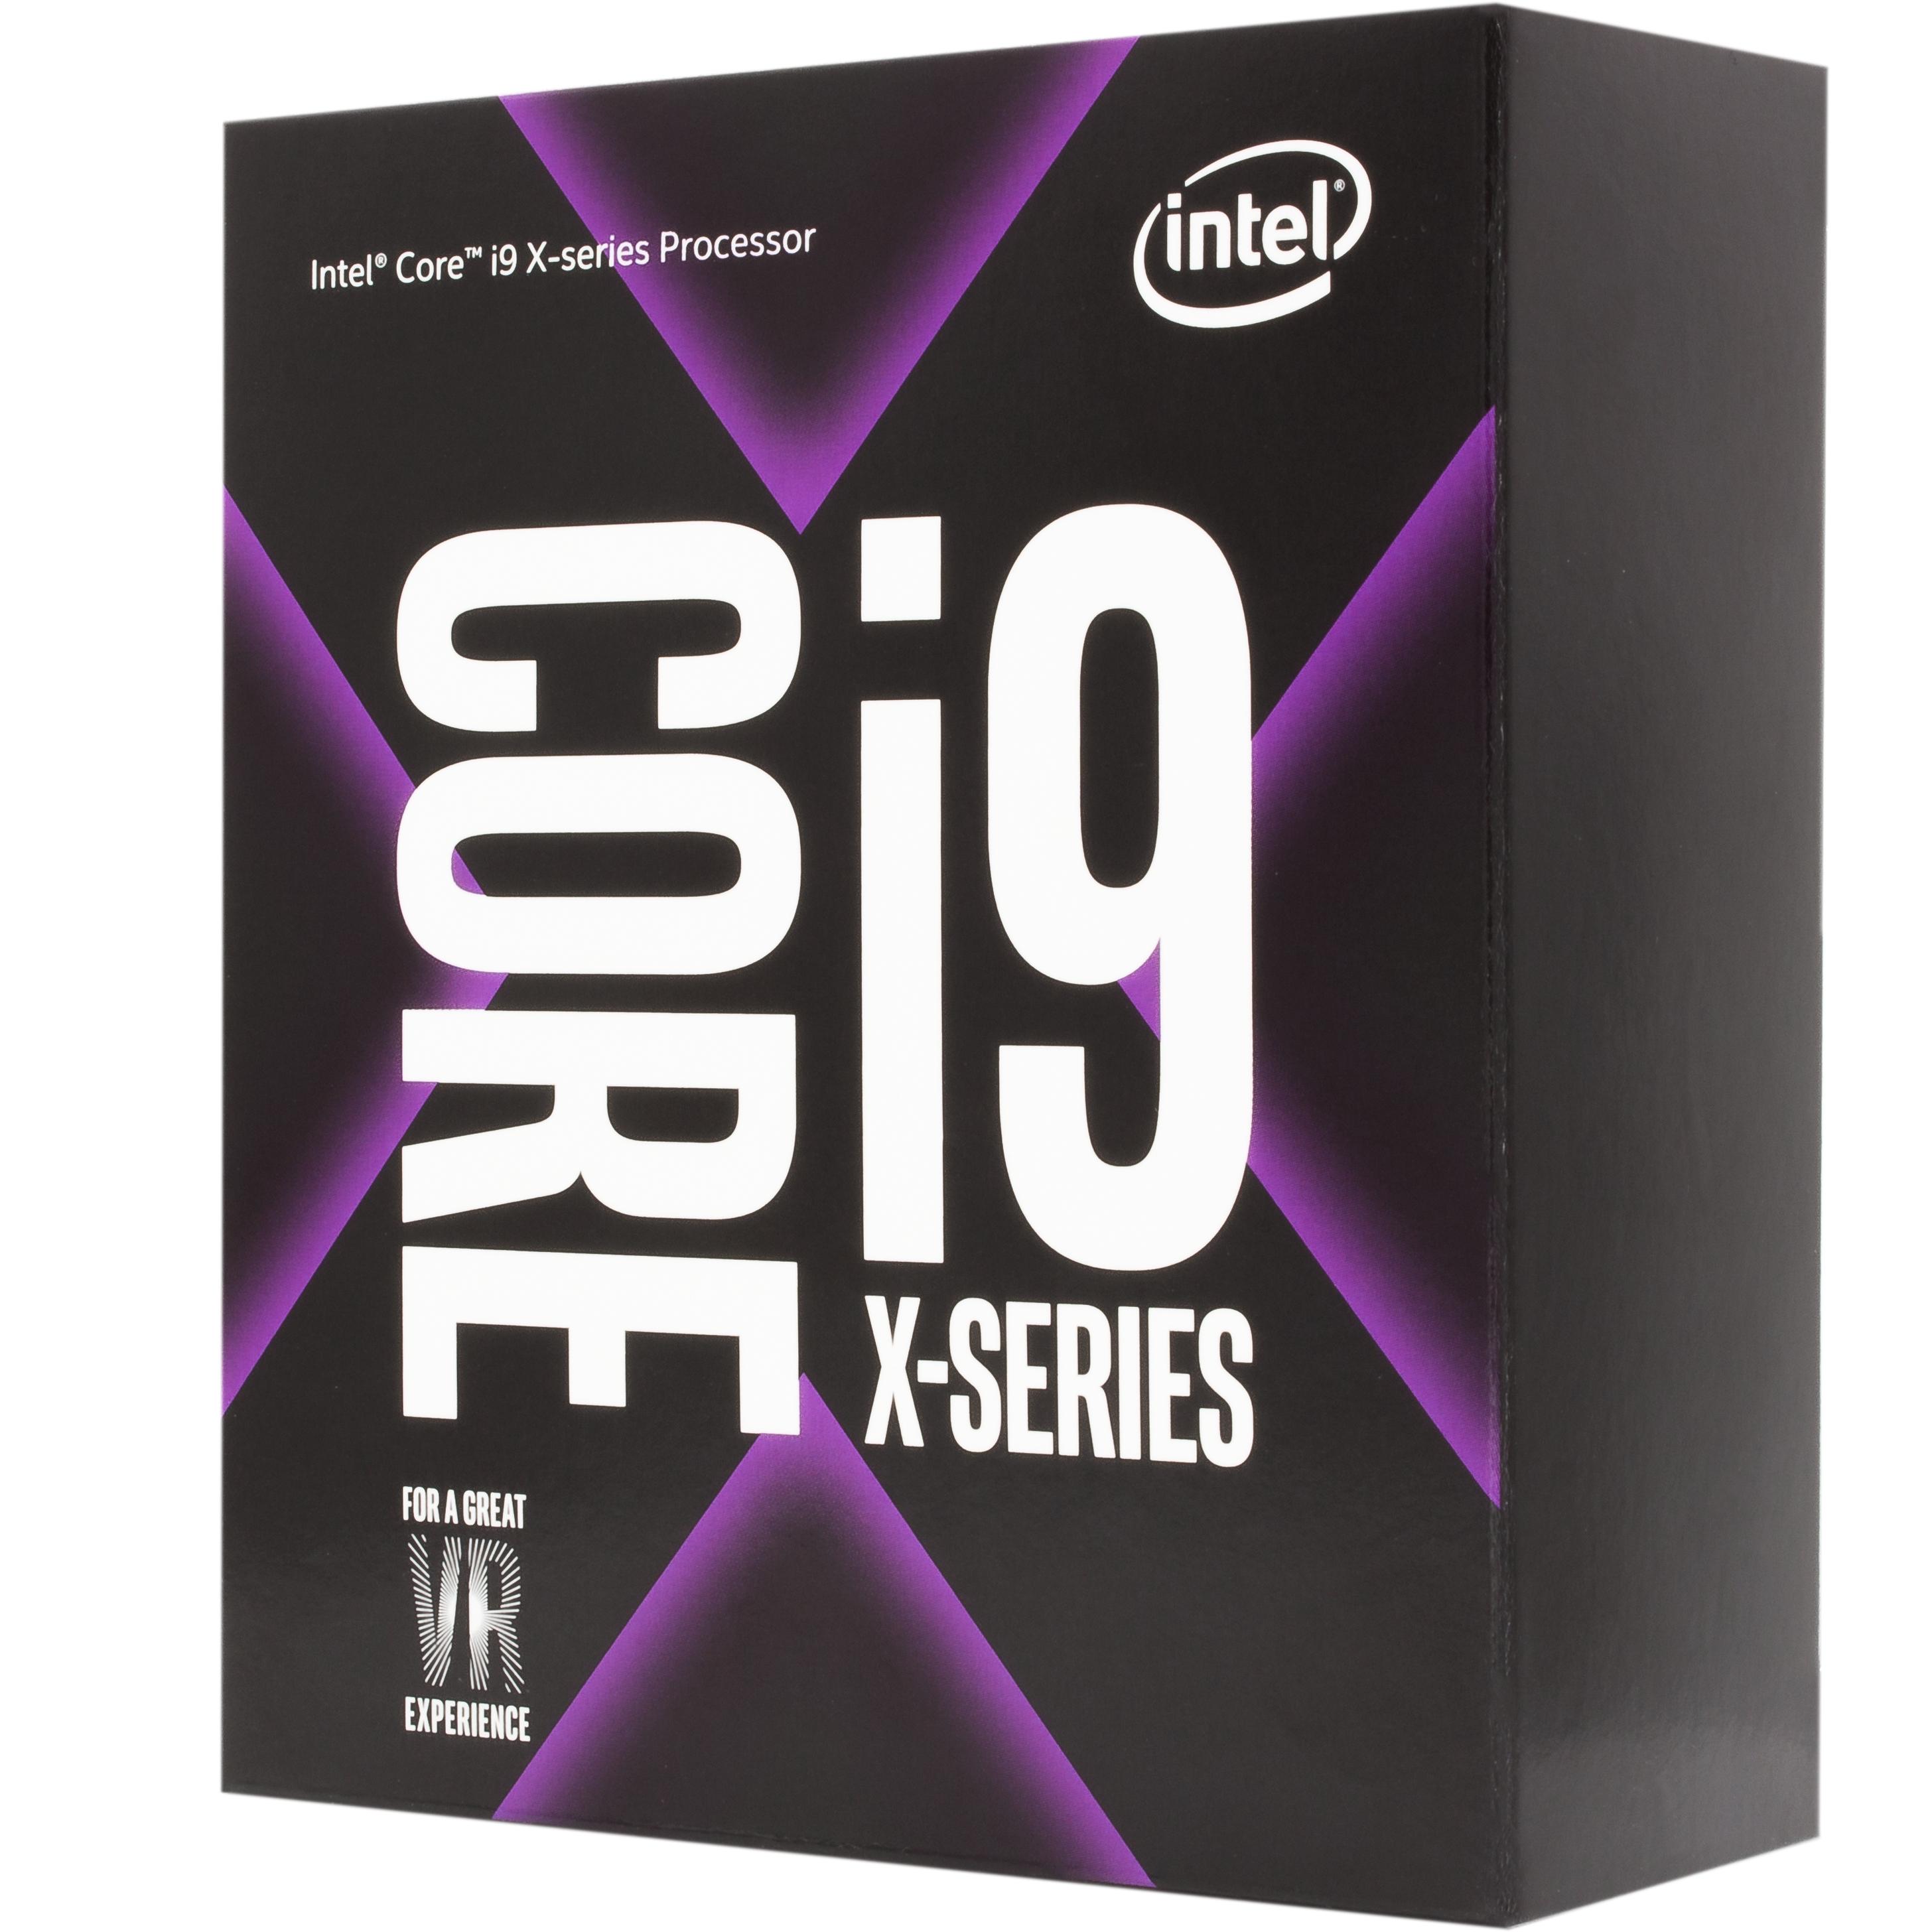 Cpu Intel Desktop Core I9 7900x Extreme Edition 33ghz 1375mb S2066 I5 6600 Cache 6mb Box Socket Lga 1151 Skylake Series Foto E Descrizione Sono Da Ritenersi A Scopo Illustrativo